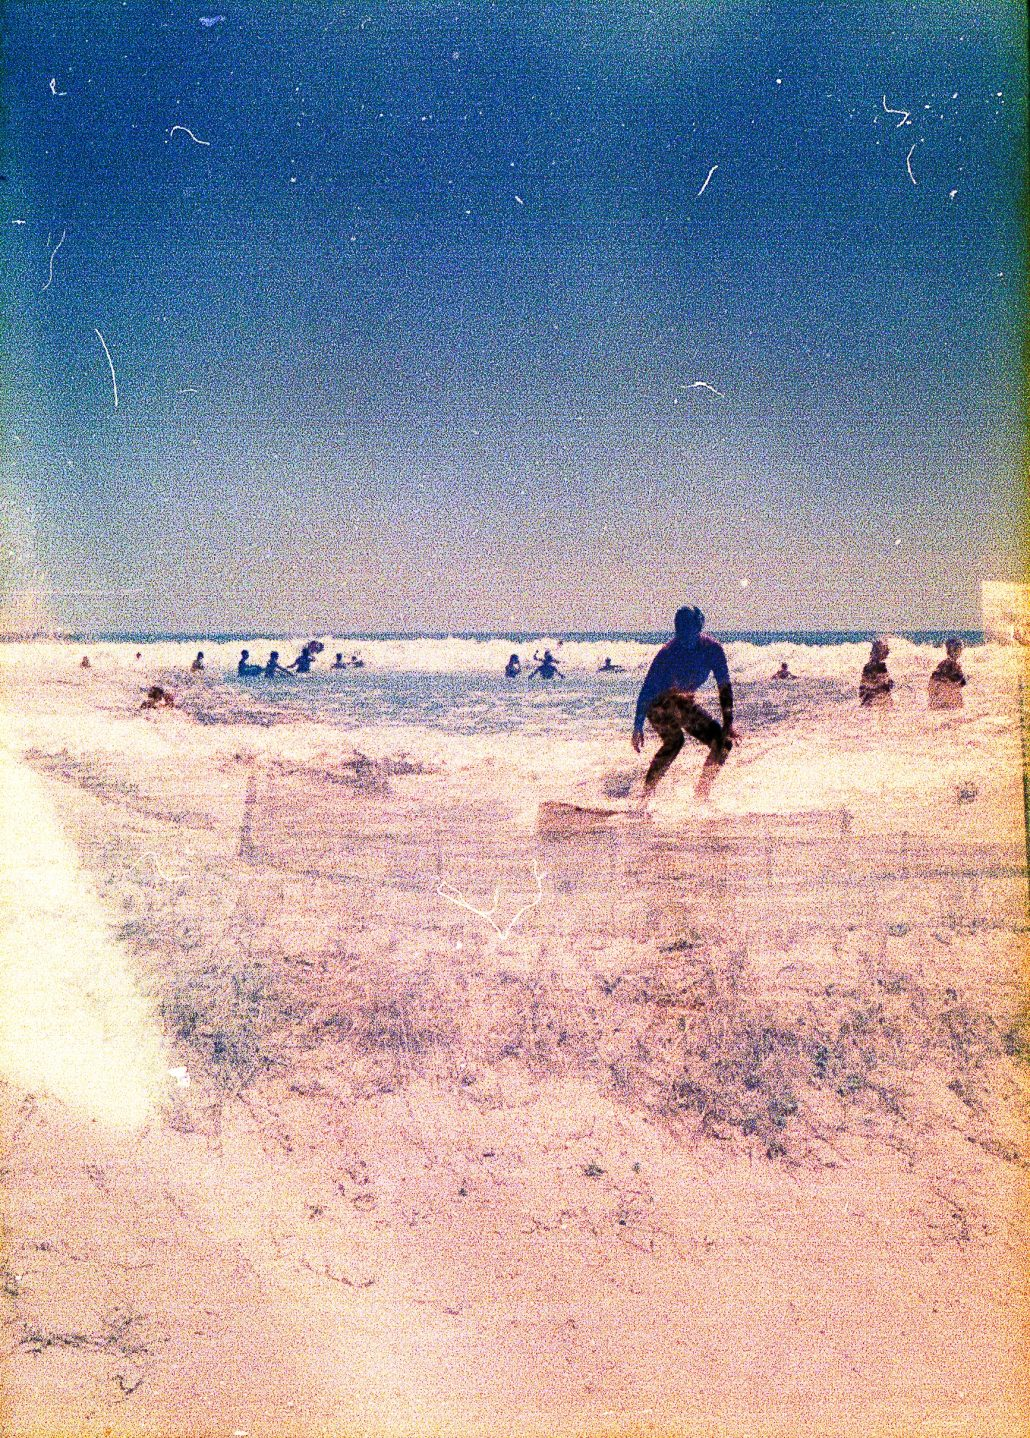 la surfeuse des sables